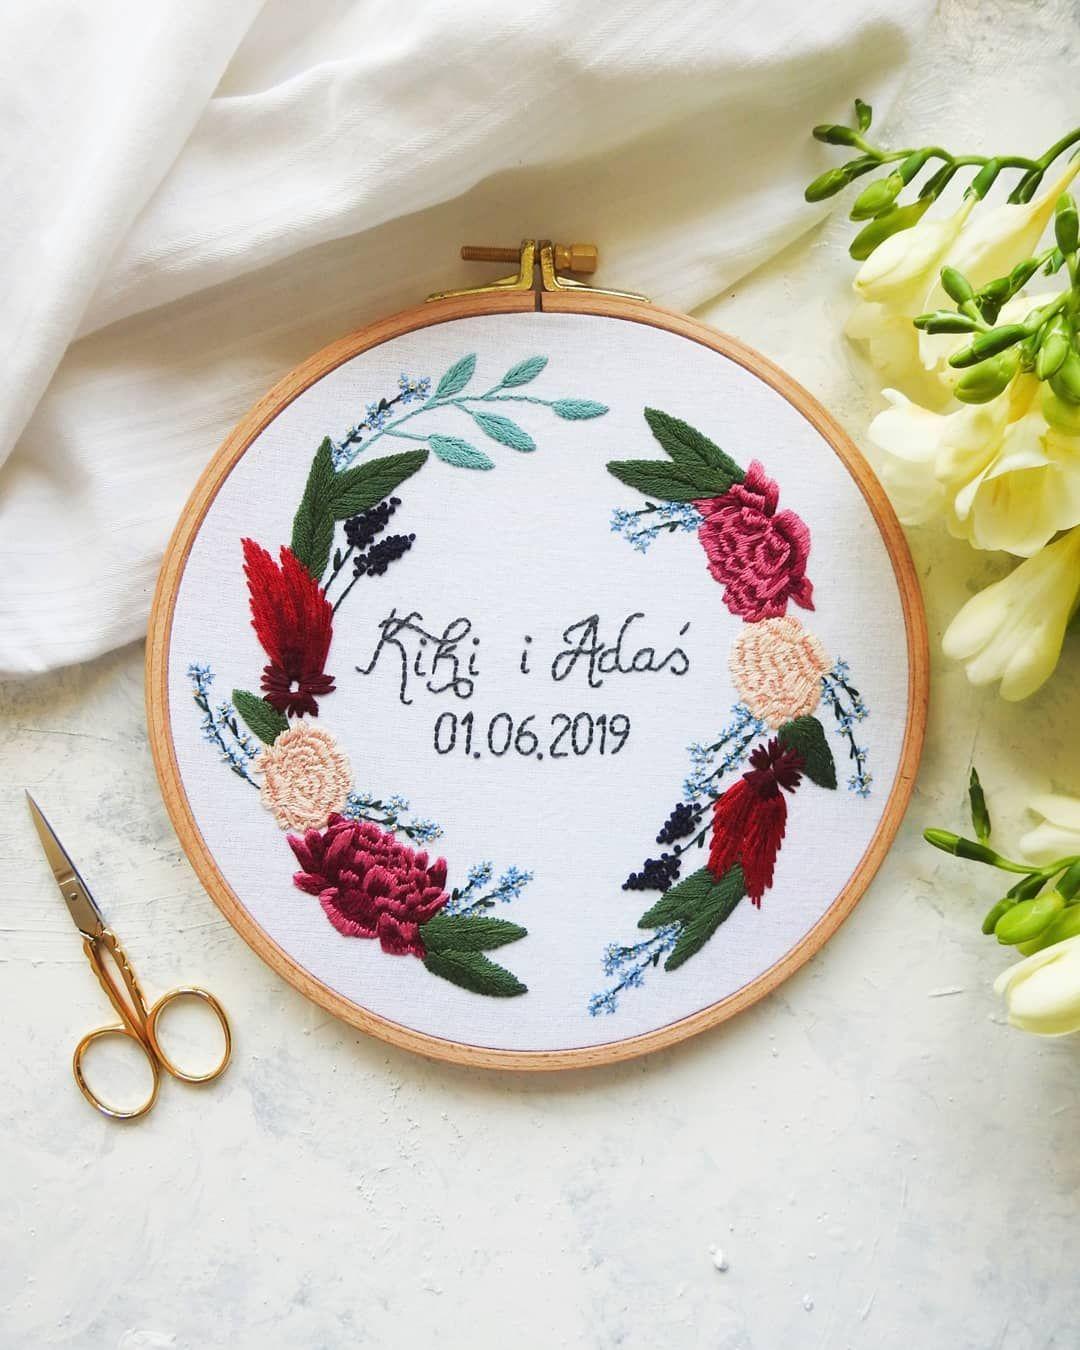 Przez Ostatnie Dwa Miesiace Mialam Tyle Zamowien Indywidualnych Ze Wciaz Nie Pokazalam Wam Wszystkiego Ten Tamborek Hand Embroidered Hoop Art Embroidery